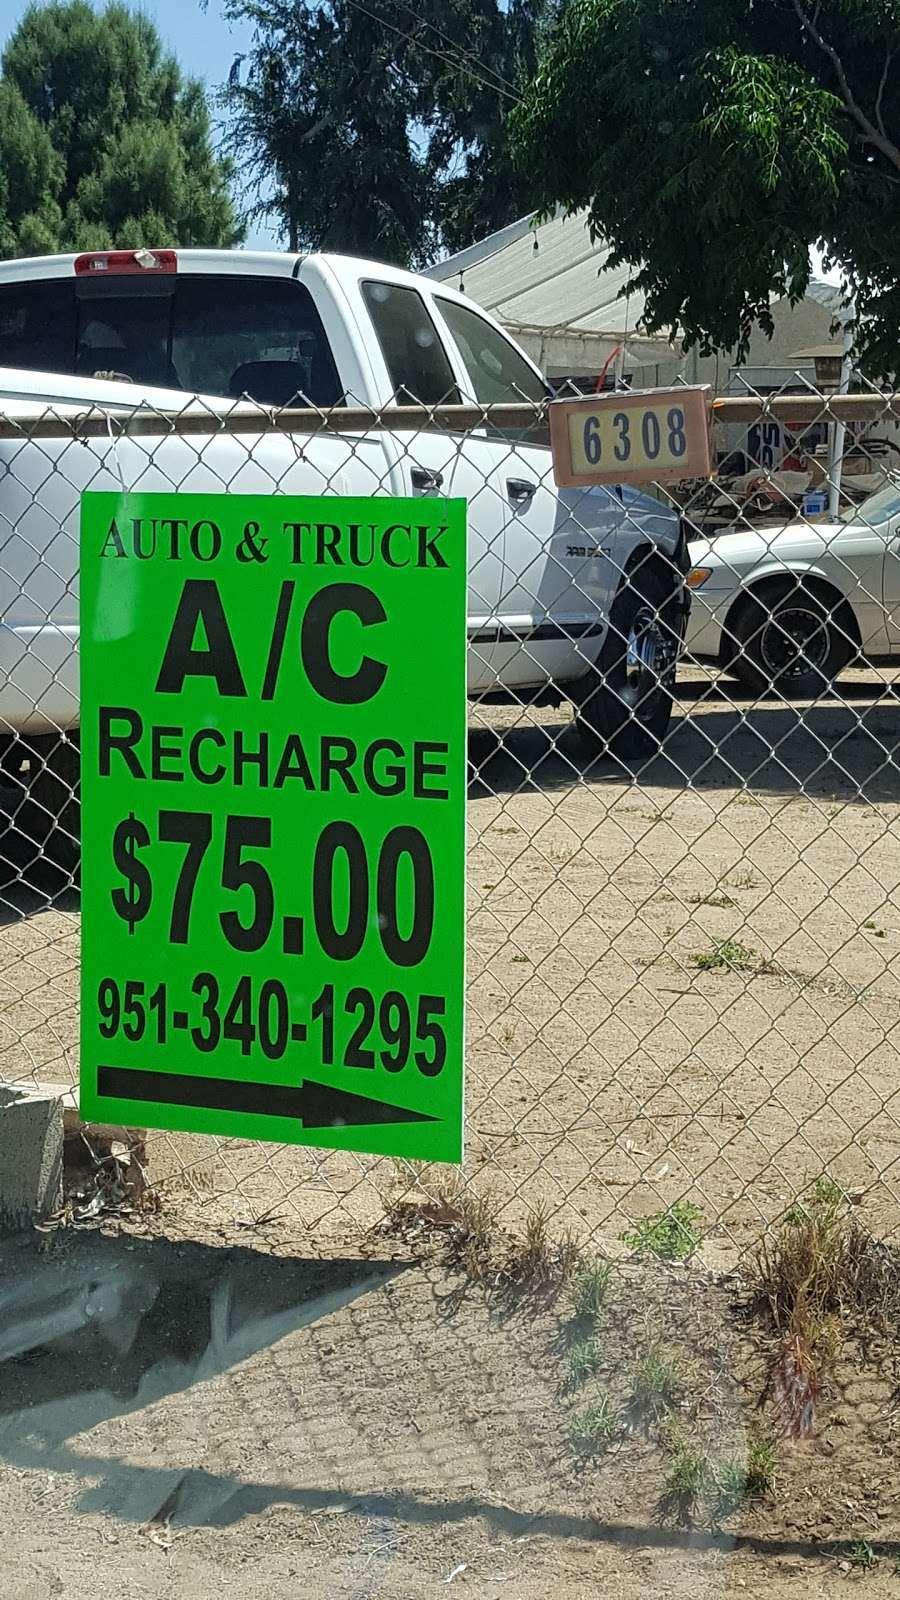 Jurupa Rodeo - park  | Photo 2 of 4 | Address: 10849 Limonite Ave, Mira Loma, CA 91752, USA